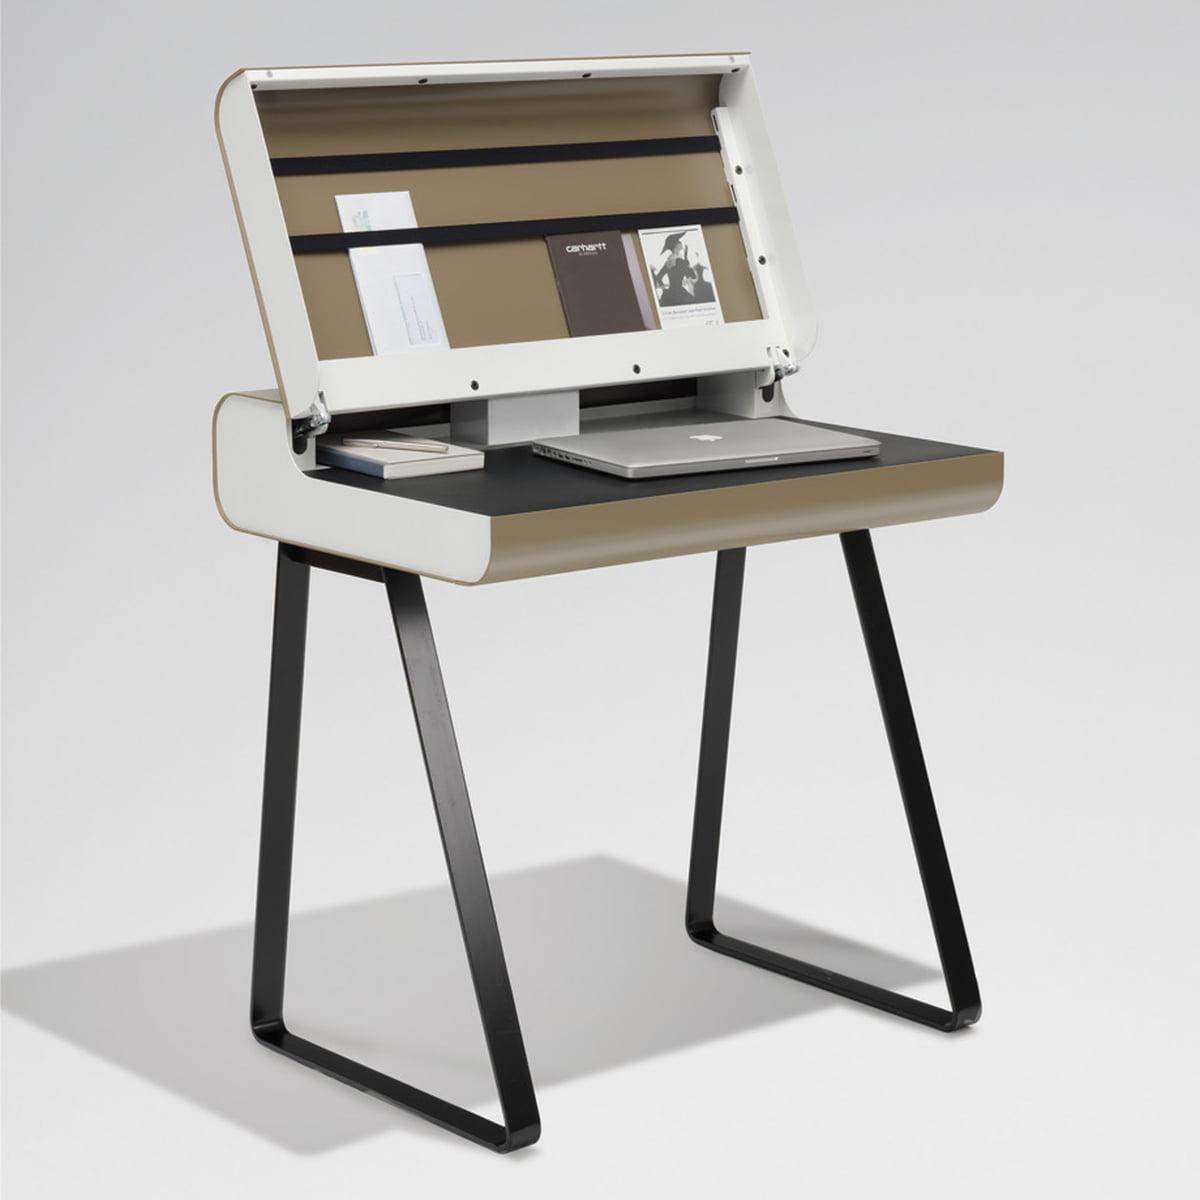 sekret r modern m bel design inspiration f r die neueste wohnkultur. Black Bedroom Furniture Sets. Home Design Ideas